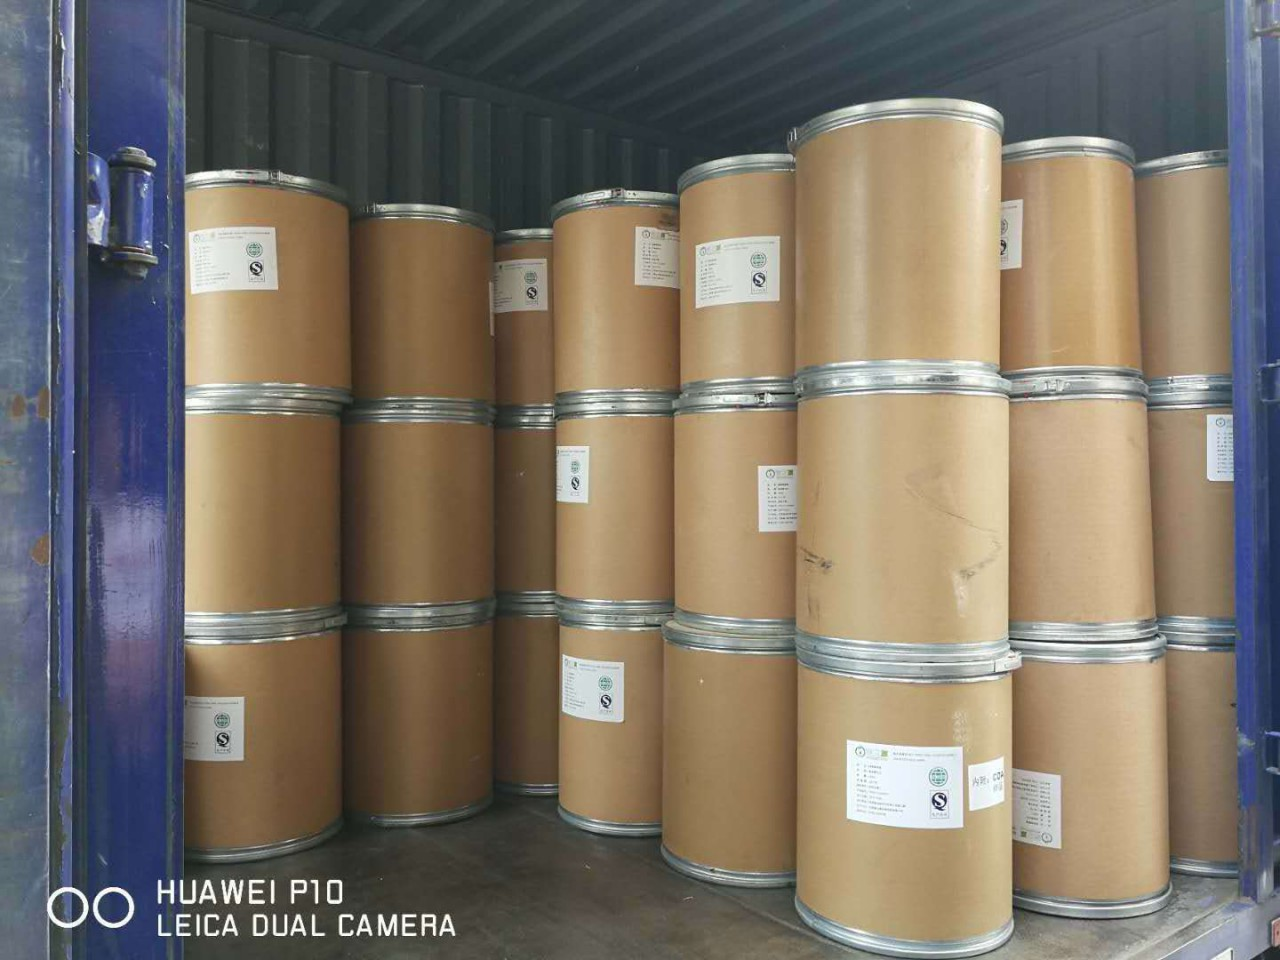 L-精氨酸盐酸盐生产厂家 L-精氨酸盐酸盐厂家